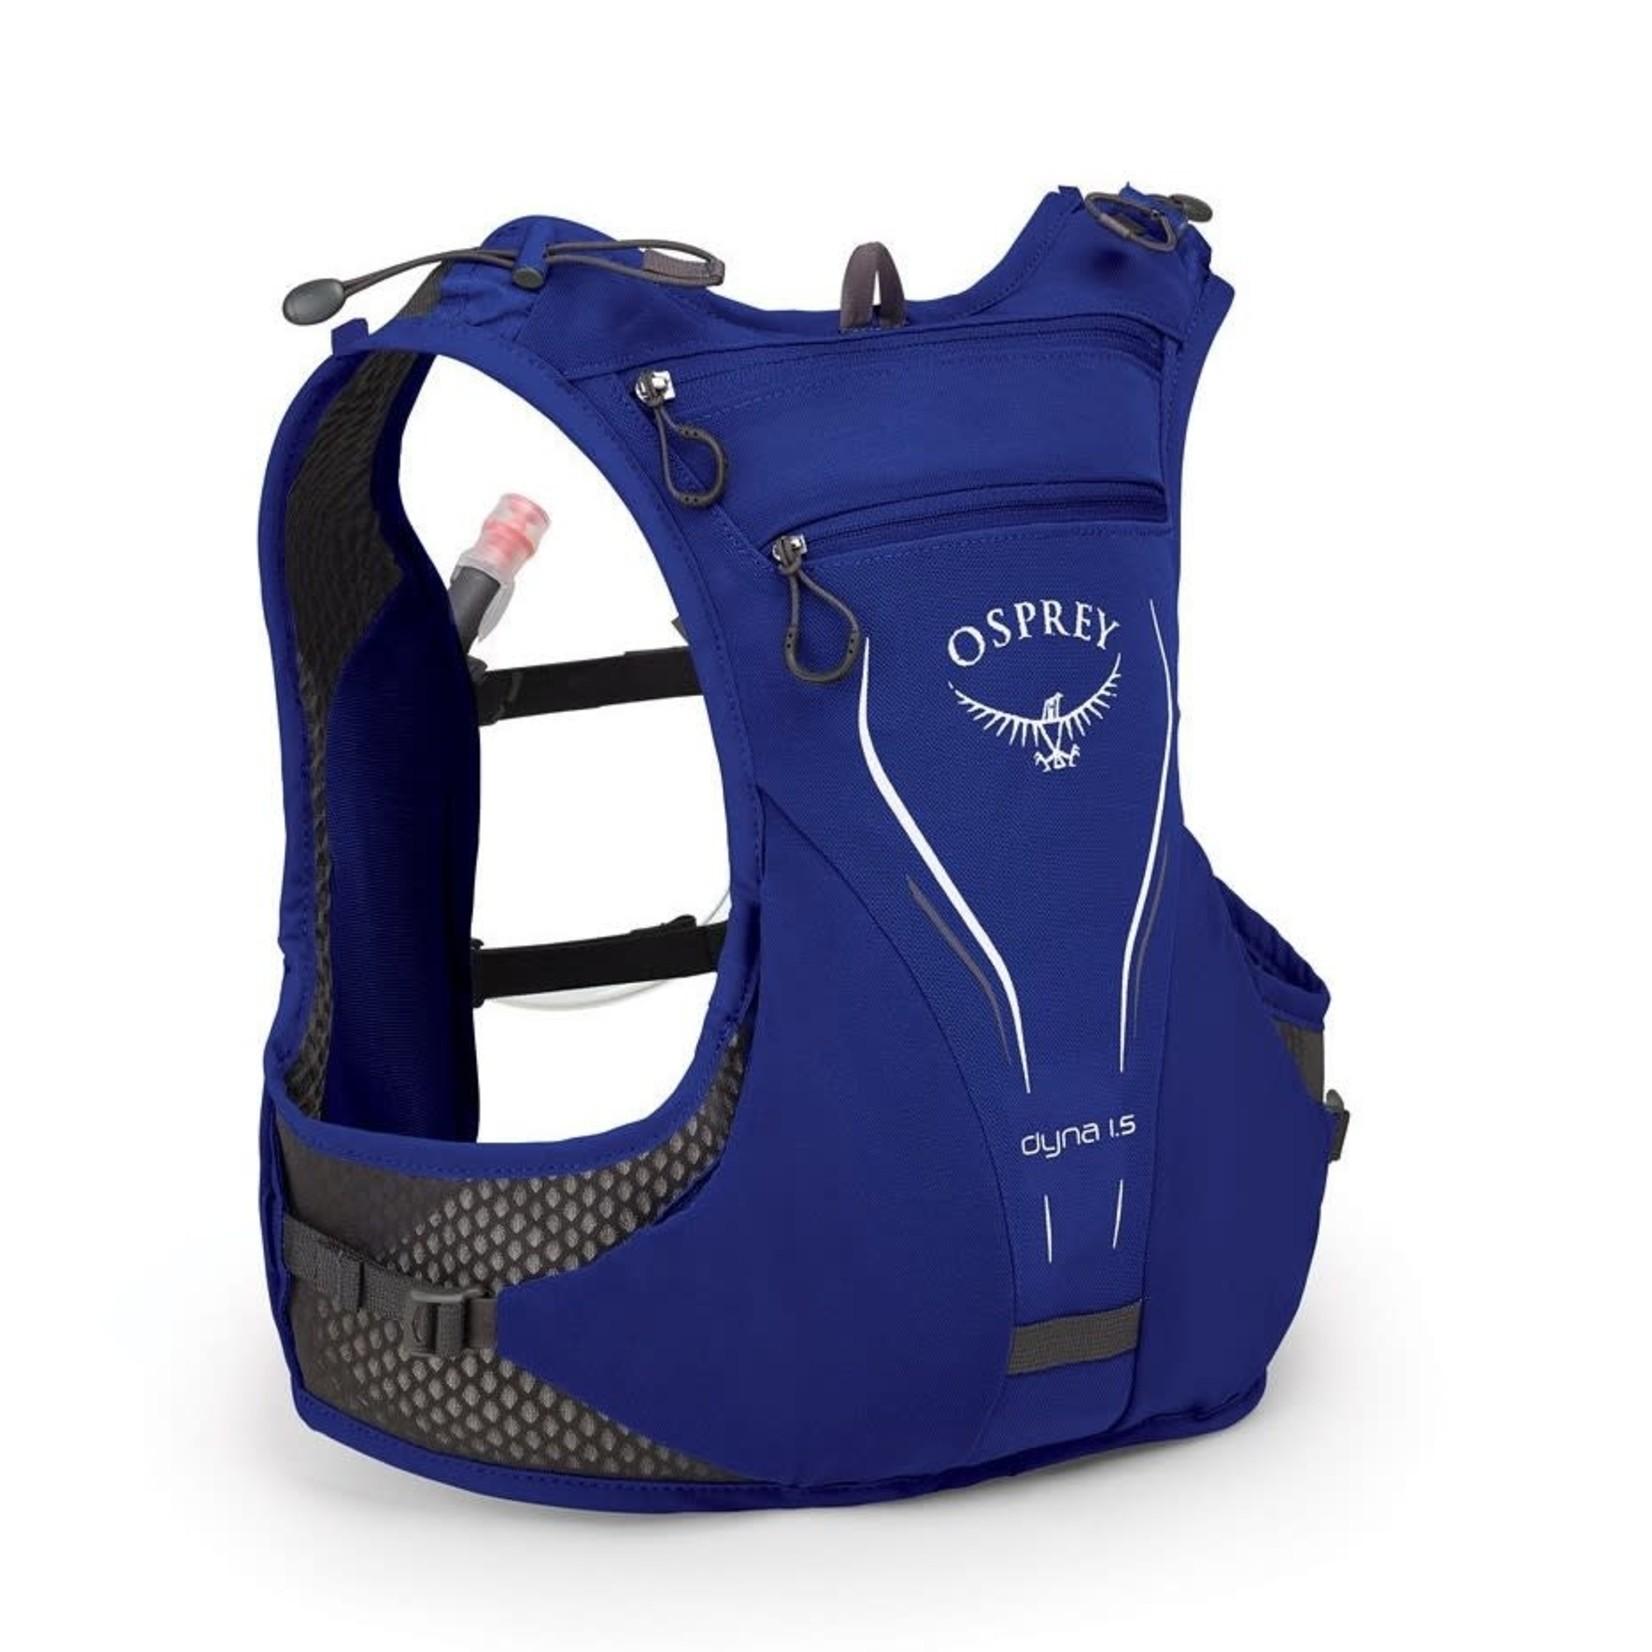 Osprey Veste de course Osprey Dyna 1.5 - Femme